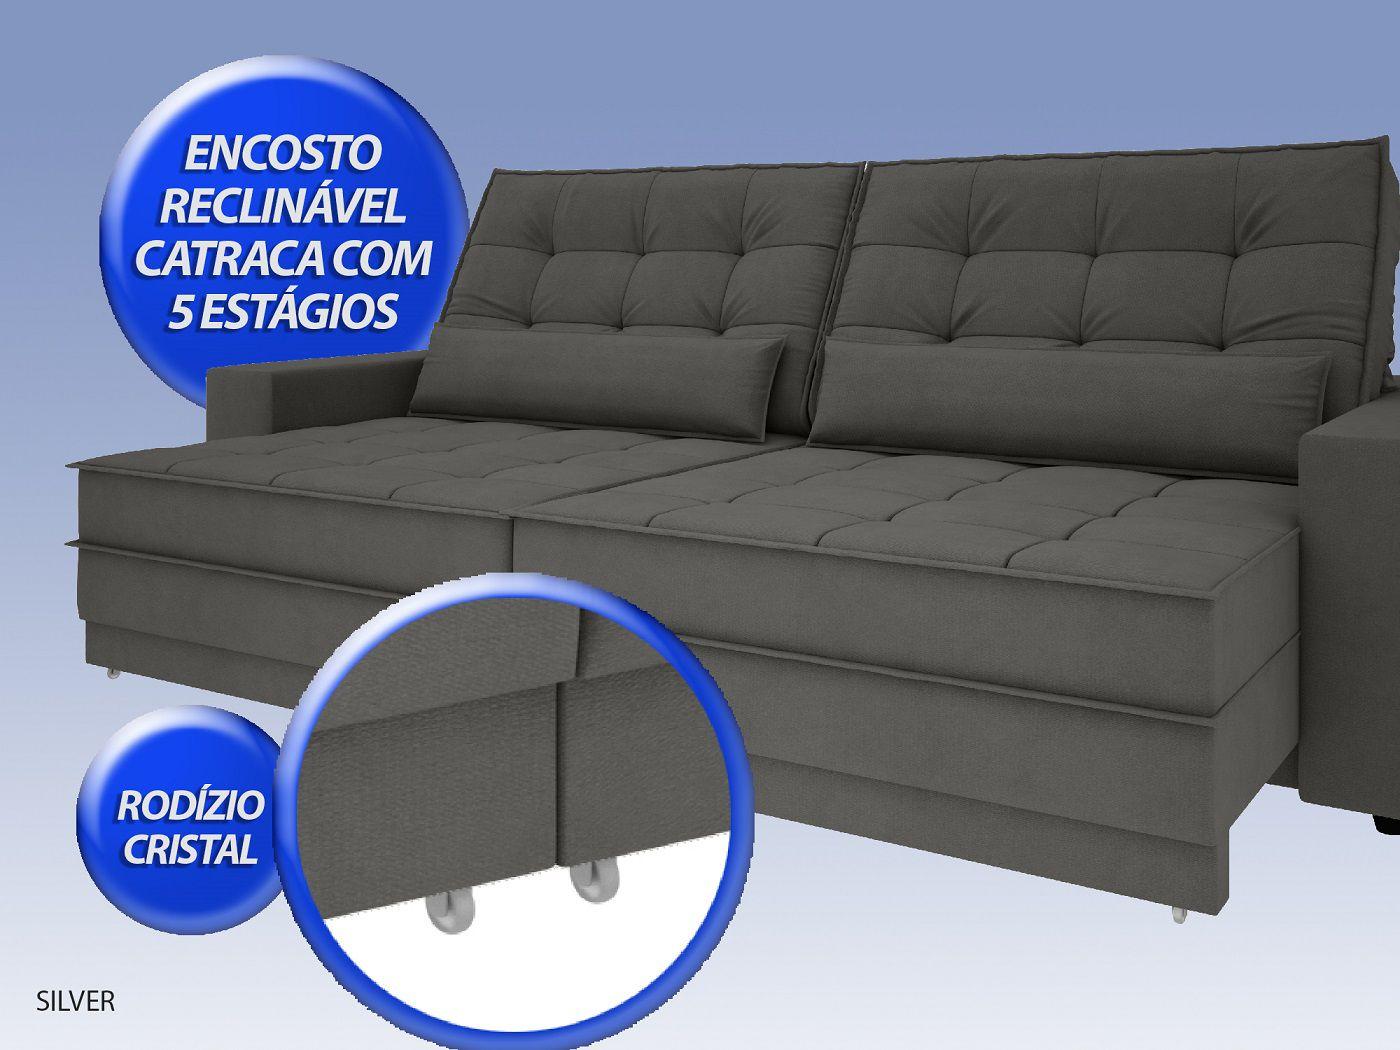 Sofá Silver 2,60m Retrátil e Reclinável  Velosuede Cinza - NETSOFAS